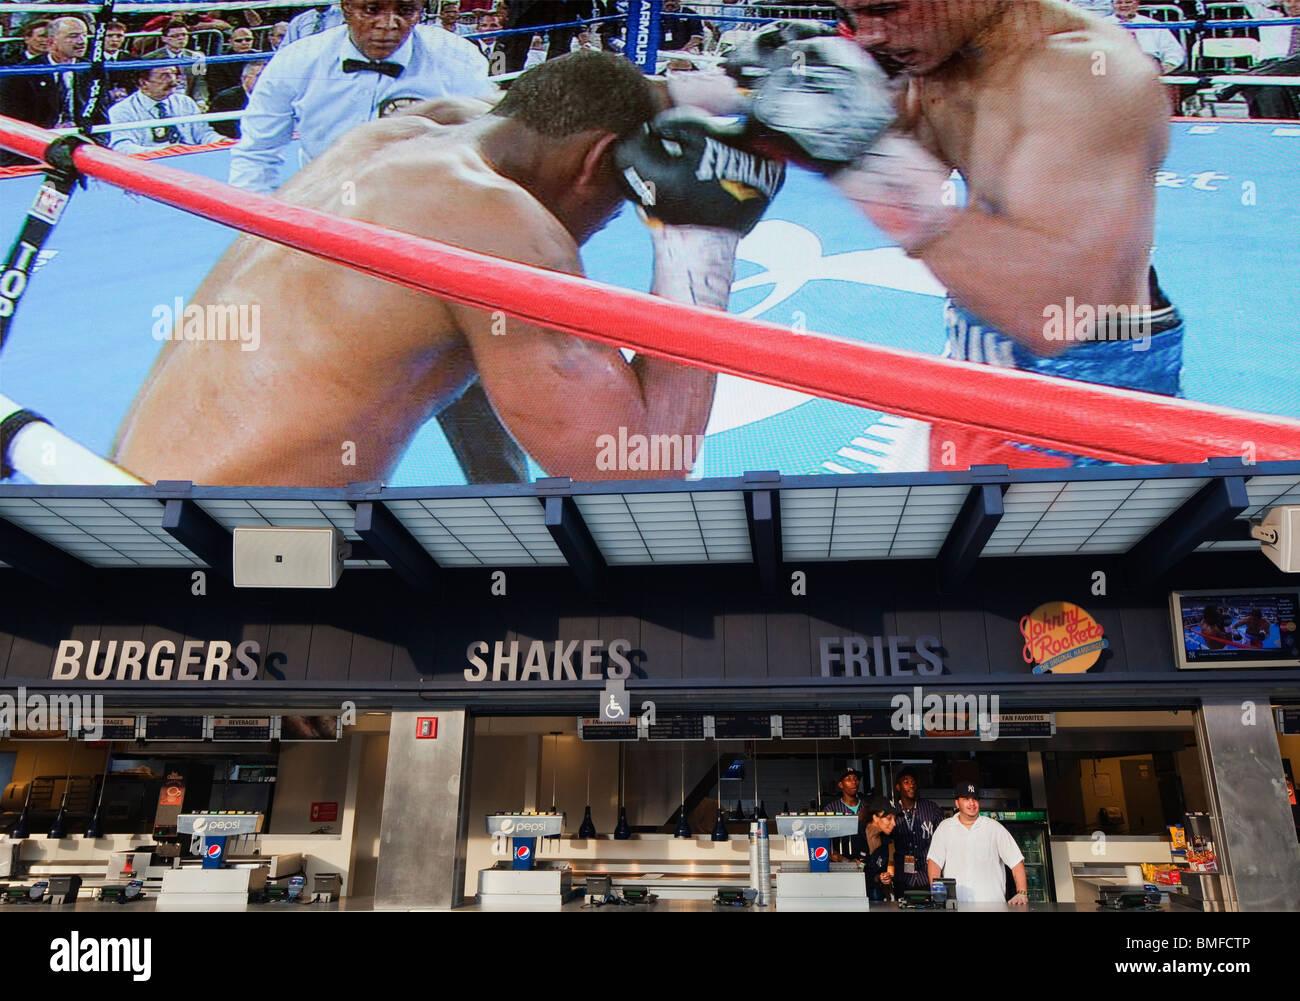 El Yankee Stadium kiosco los trabajadores mira a un combate de boxeo como la mega pantalla encima de ellas reproduce Imagen De Stock